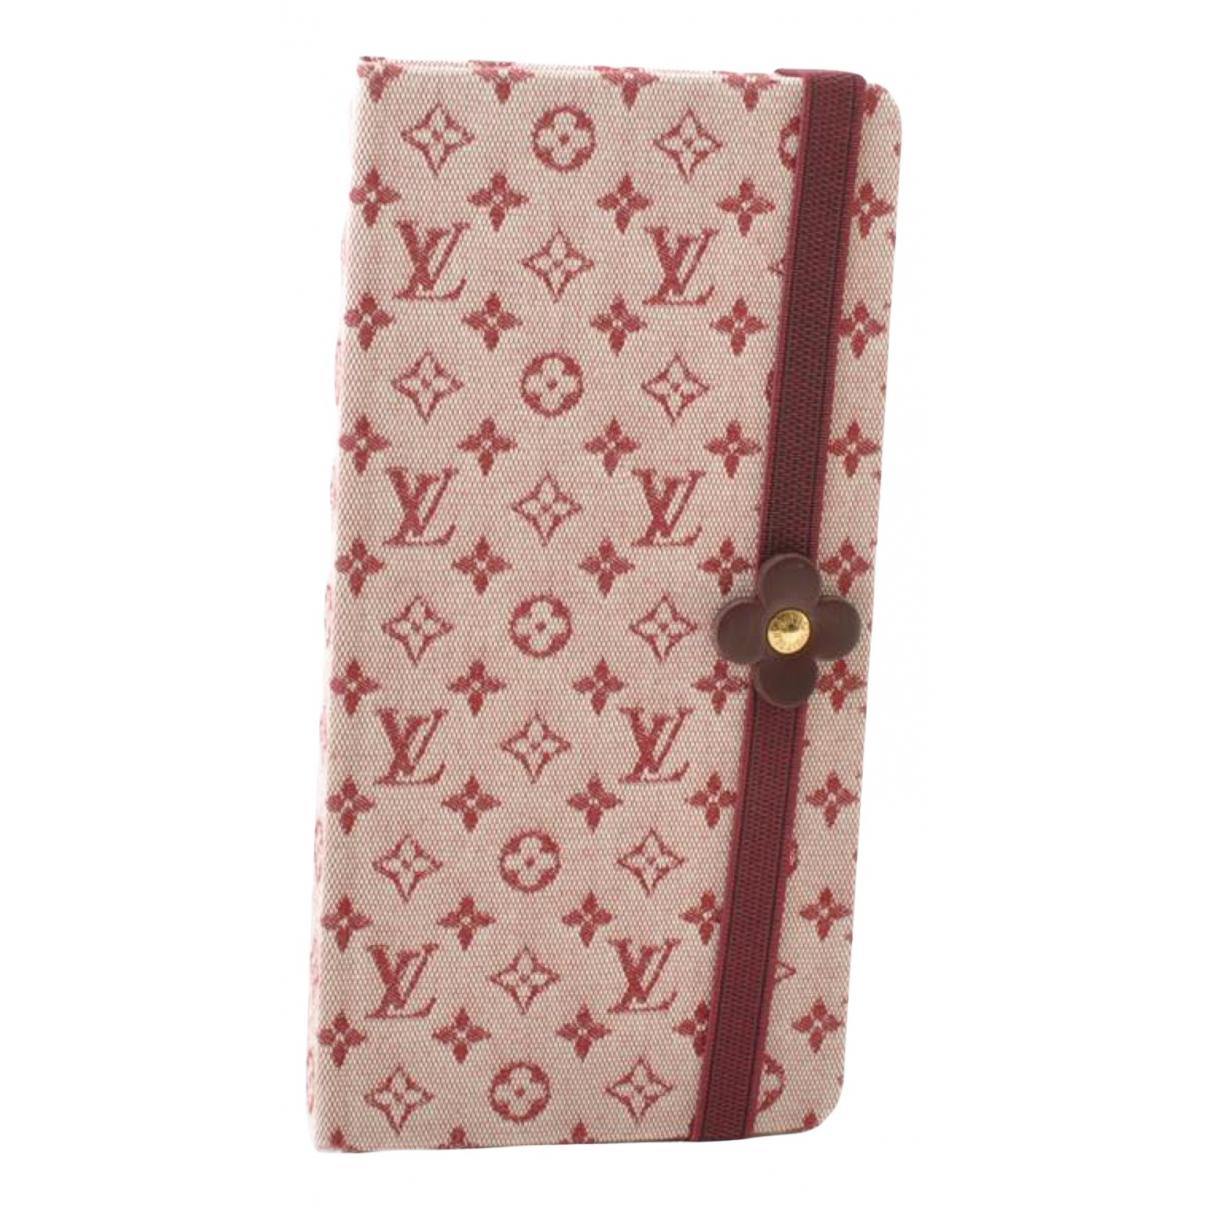 Cuaderno de Lona Louis Vuitton